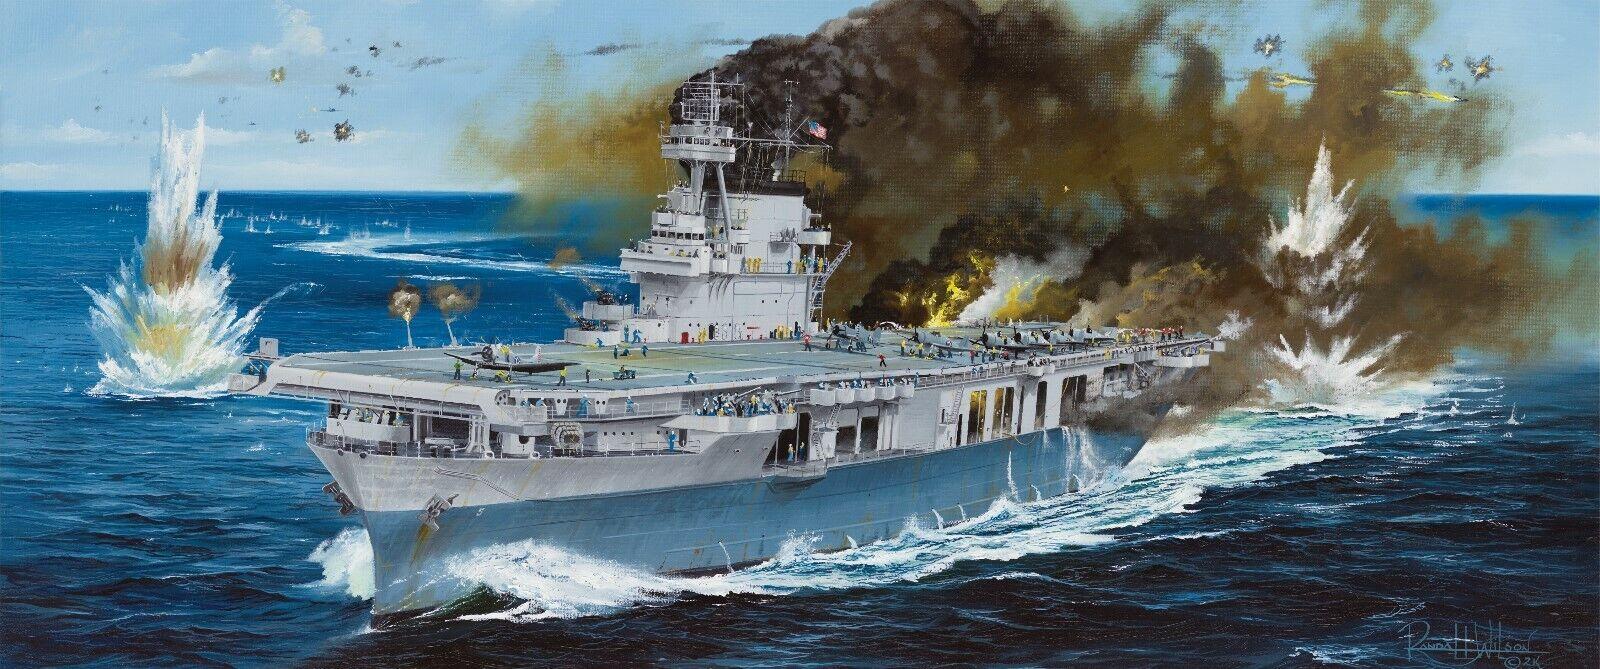 1 350 MERIT USS YORKTOWN CV-5 1942